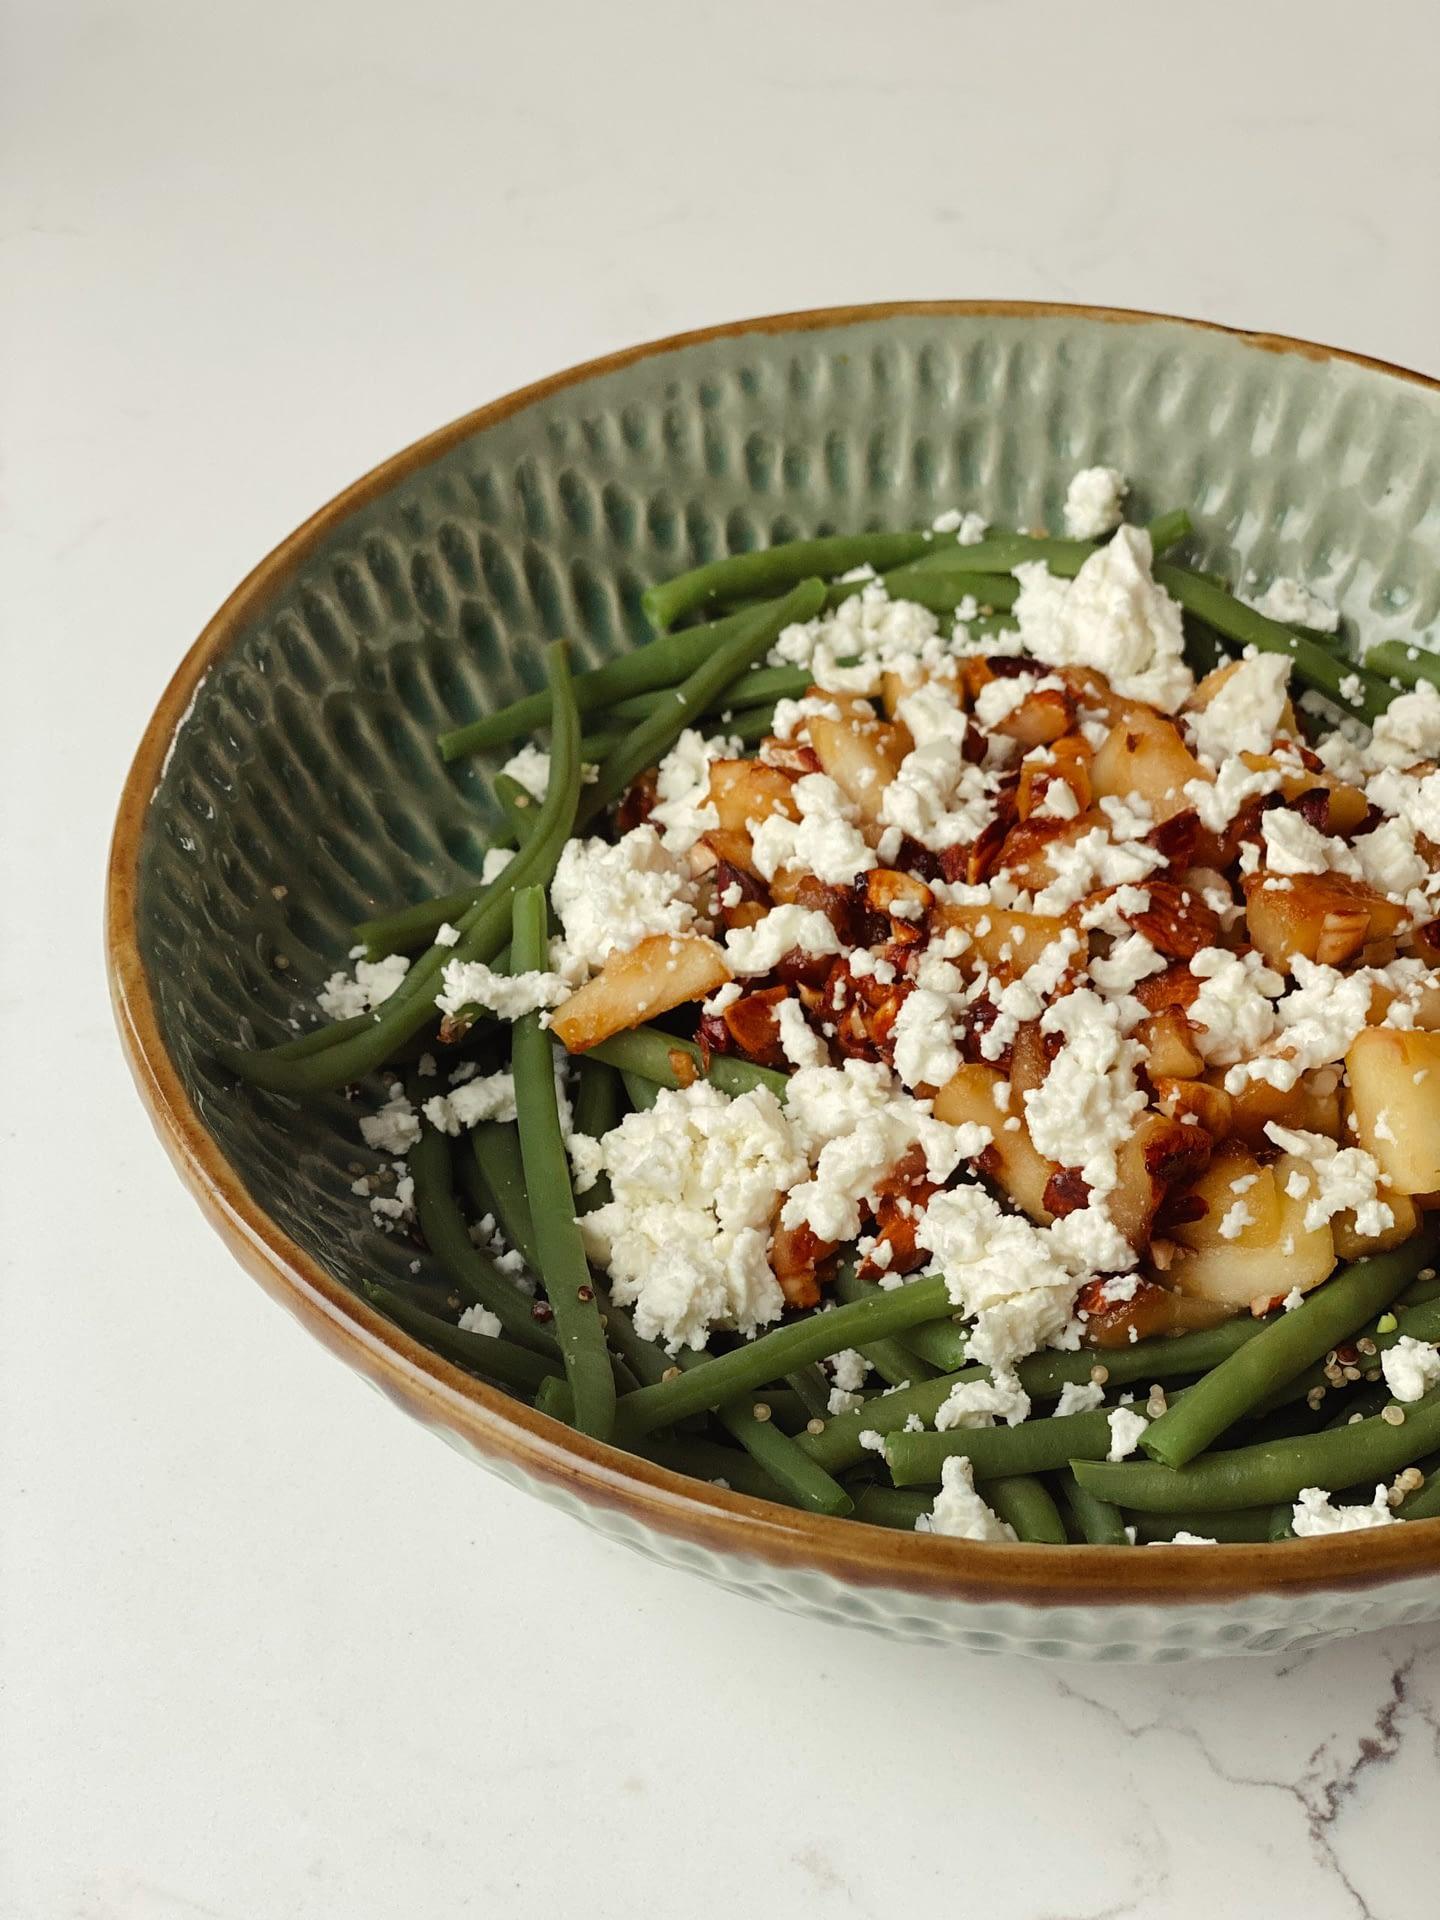 Salade de quinoa, haricots verts et pommes caramelisées